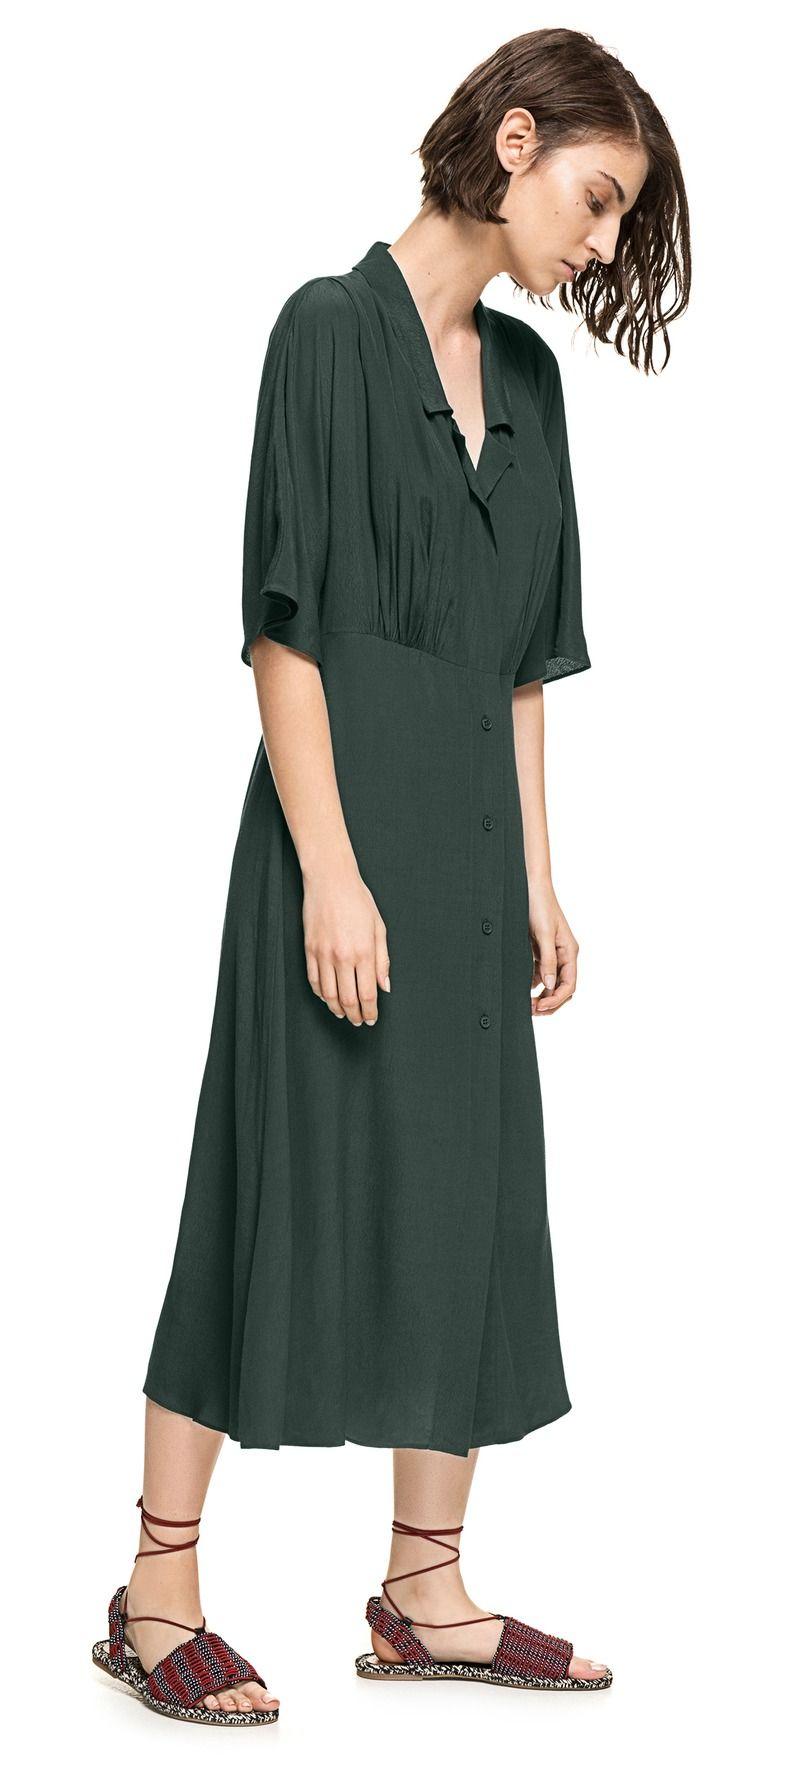 Camisero Largo Oscuro Verde Vestido Ready To Wear F1vxqtSg